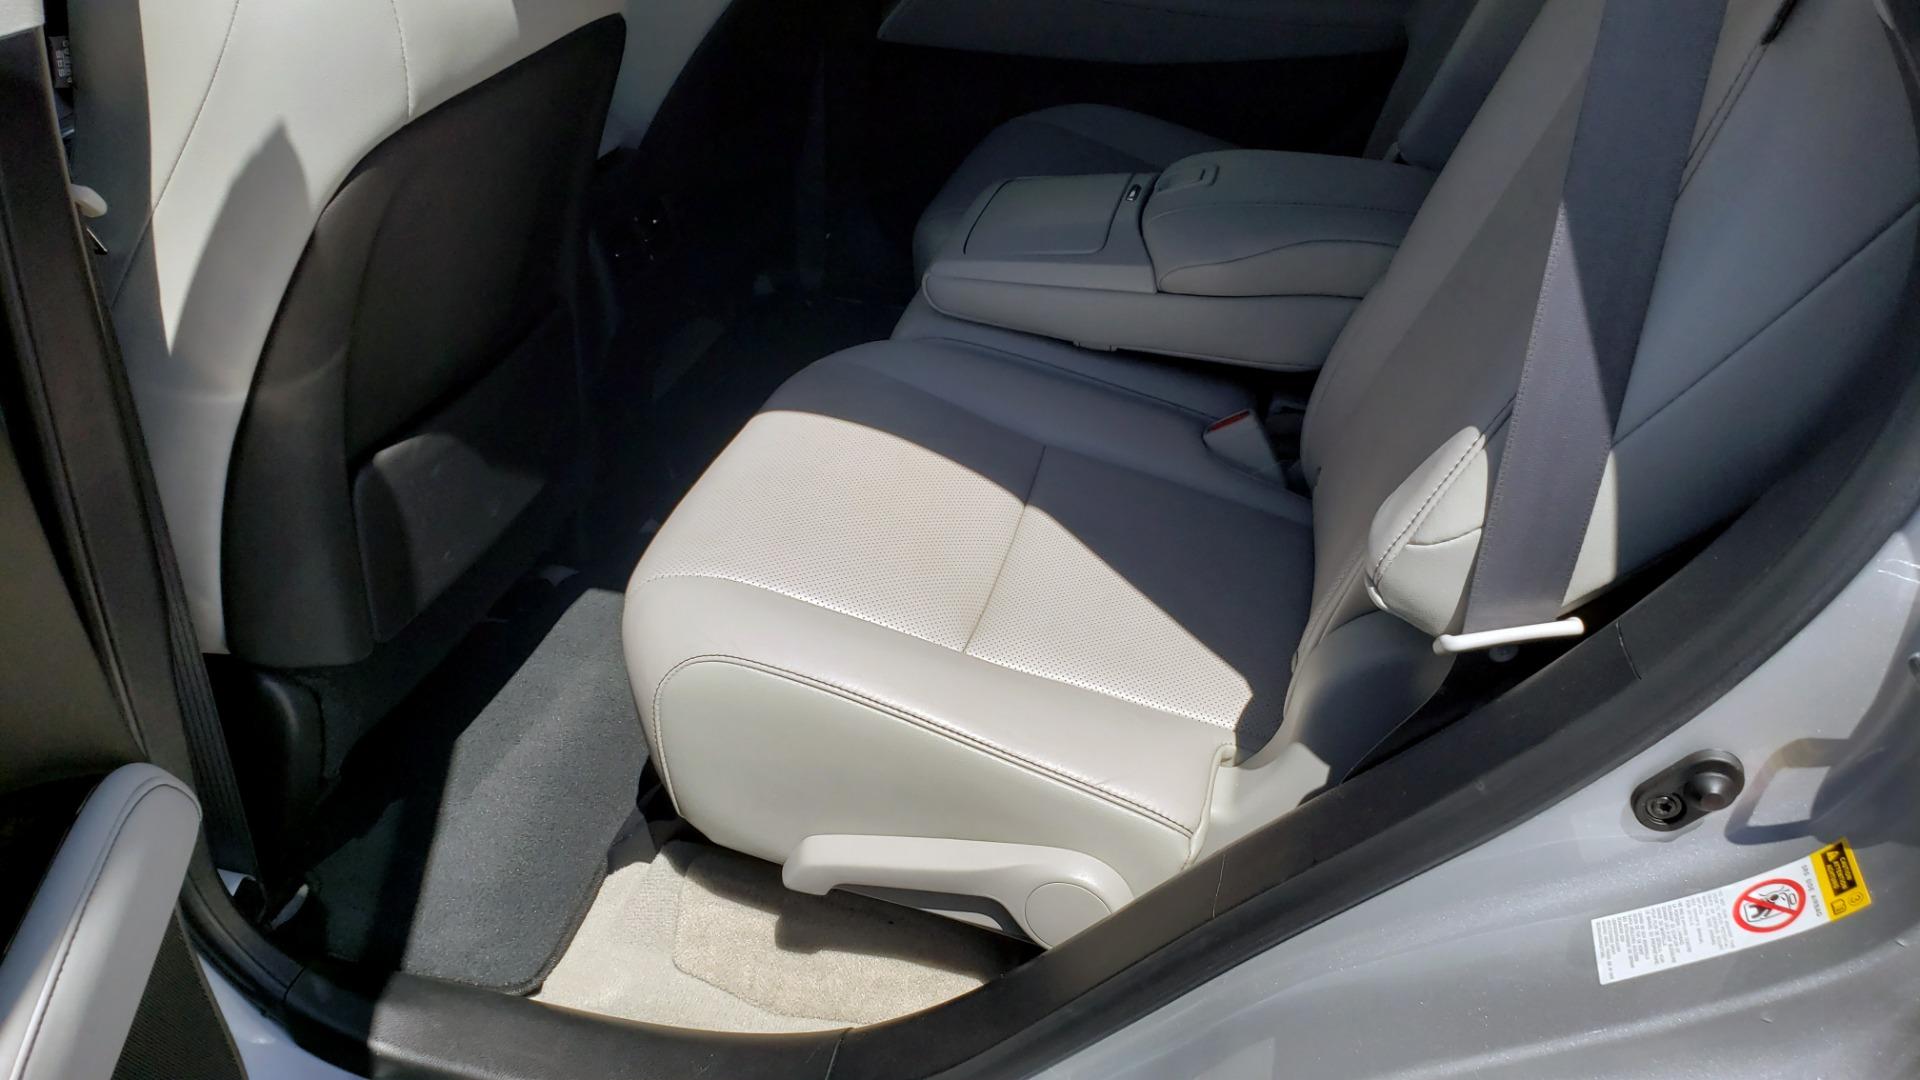 Used 2015 Lexus RX 450H AWD / PREM PKG / NAV / PARK ASST / HUD / BLIND SPOT MONITOR for sale Sold at Formula Imports in Charlotte NC 28227 65